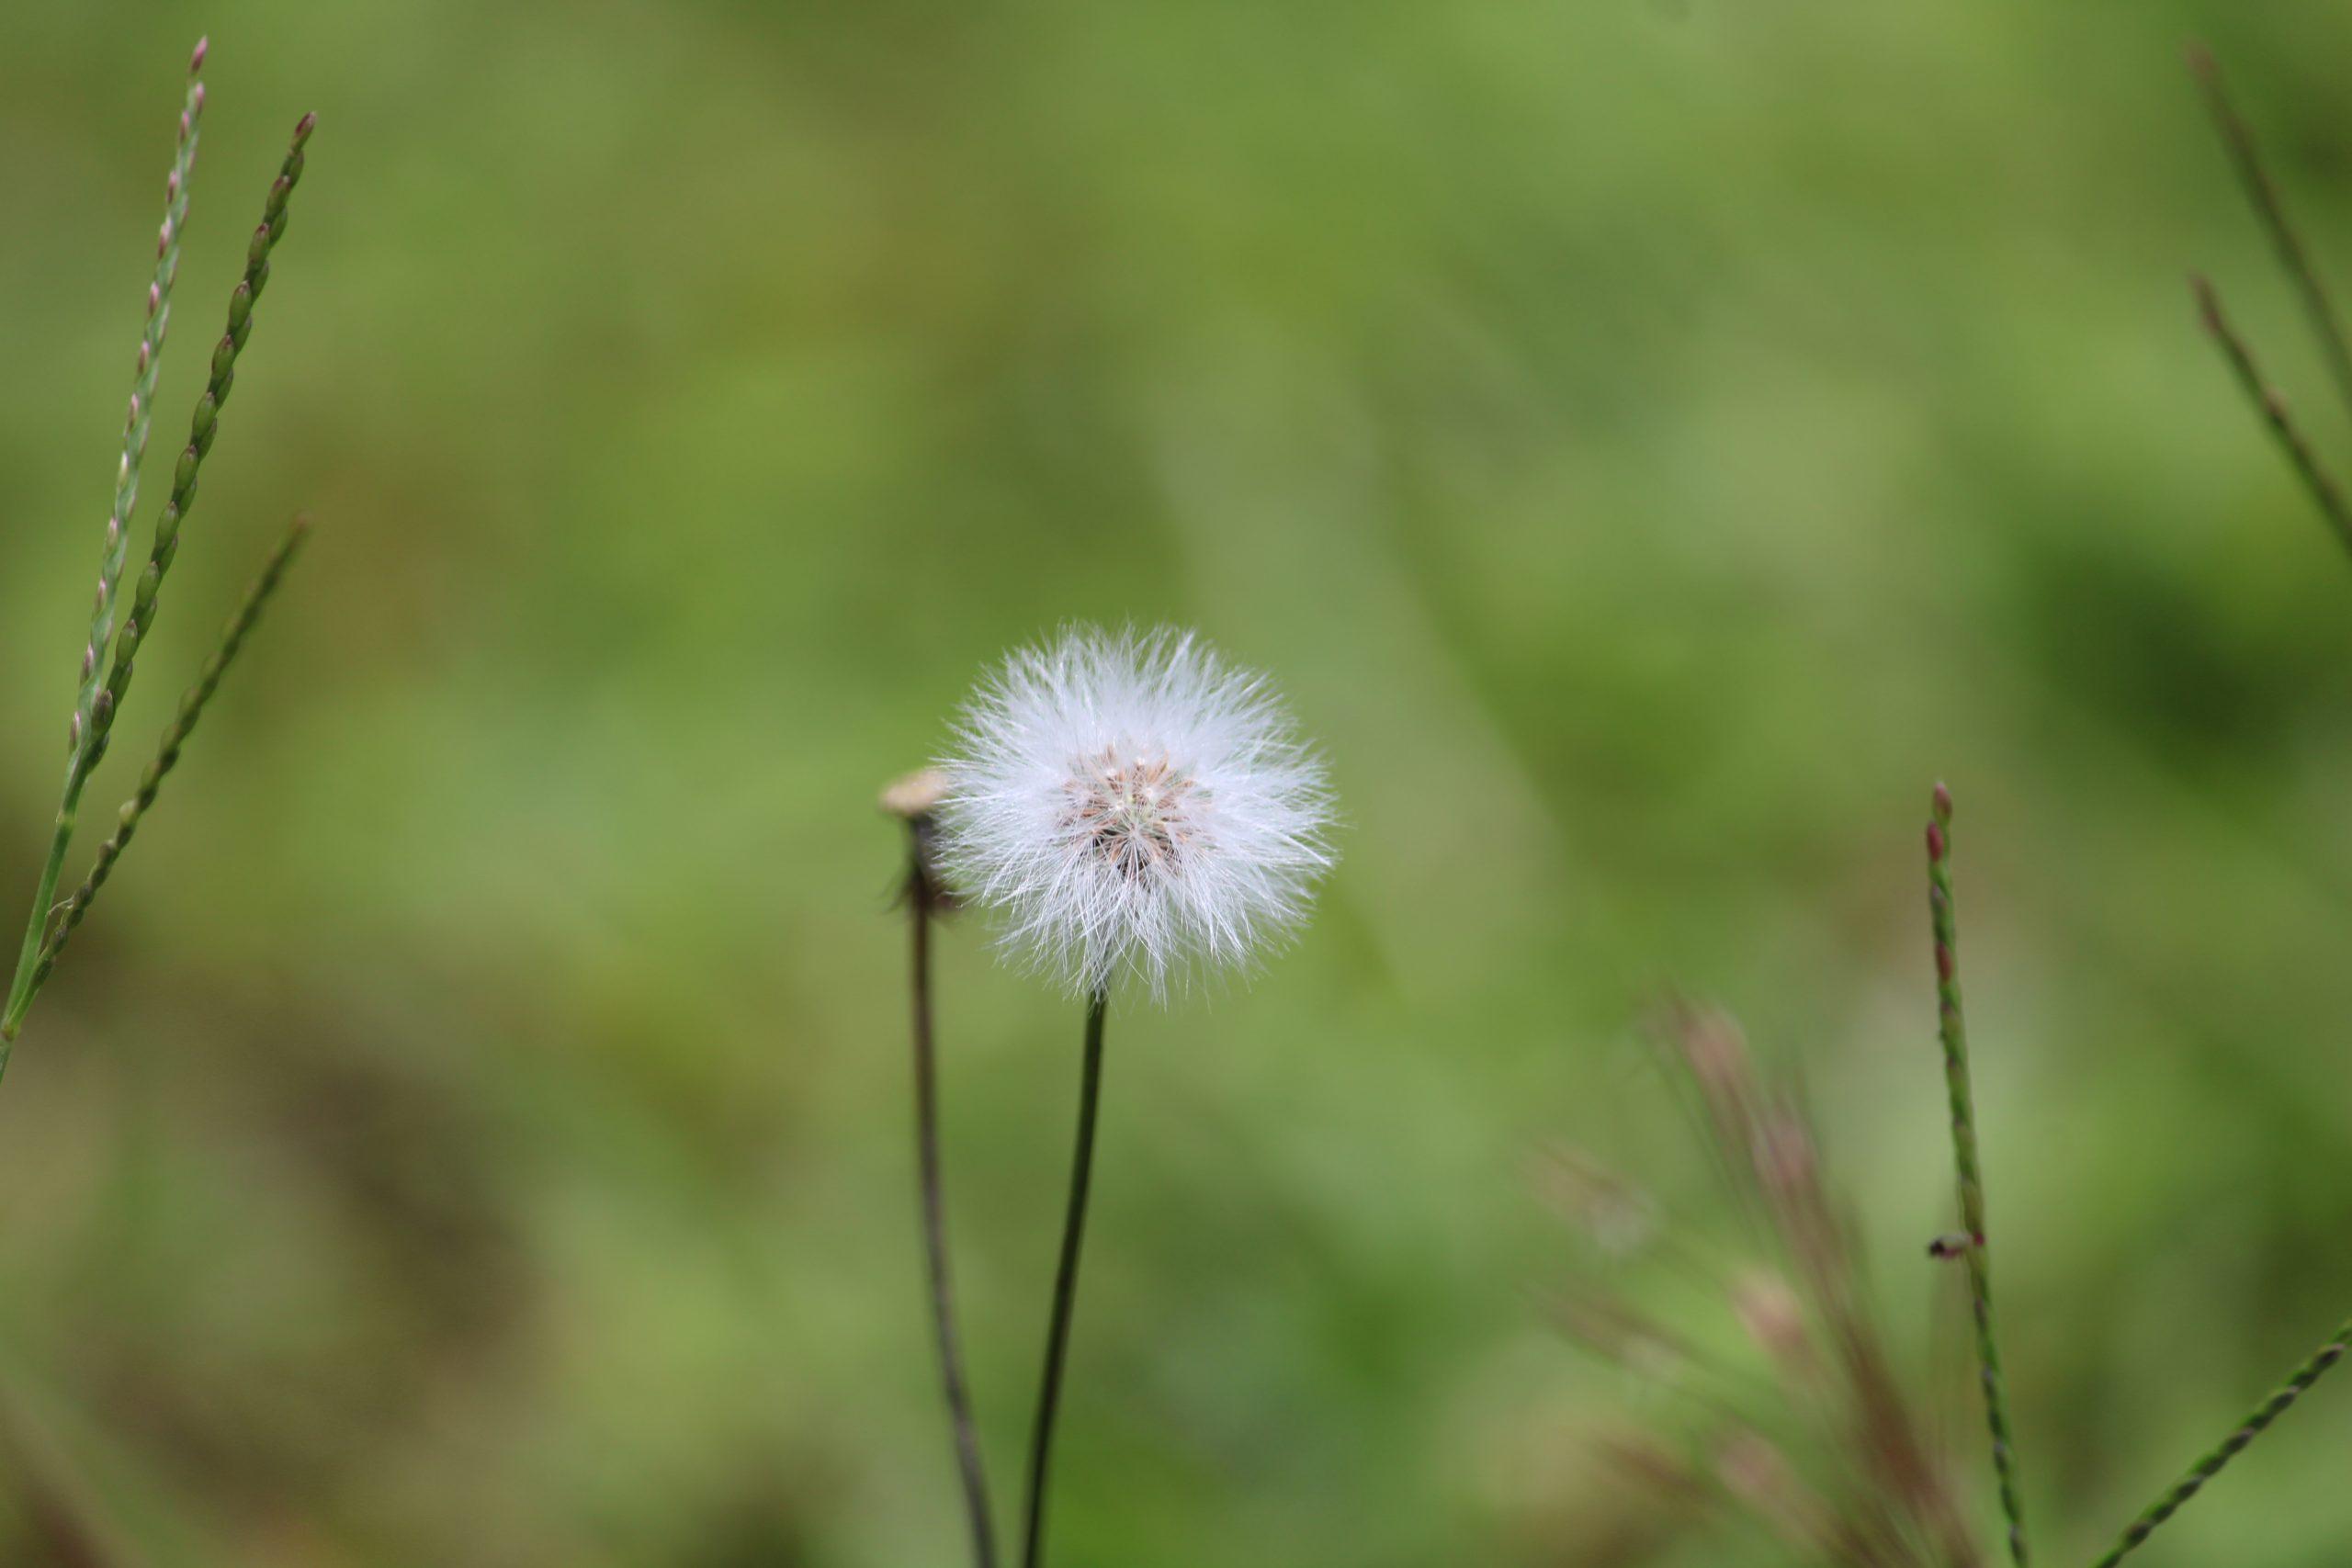 Common Dandelion on Focus